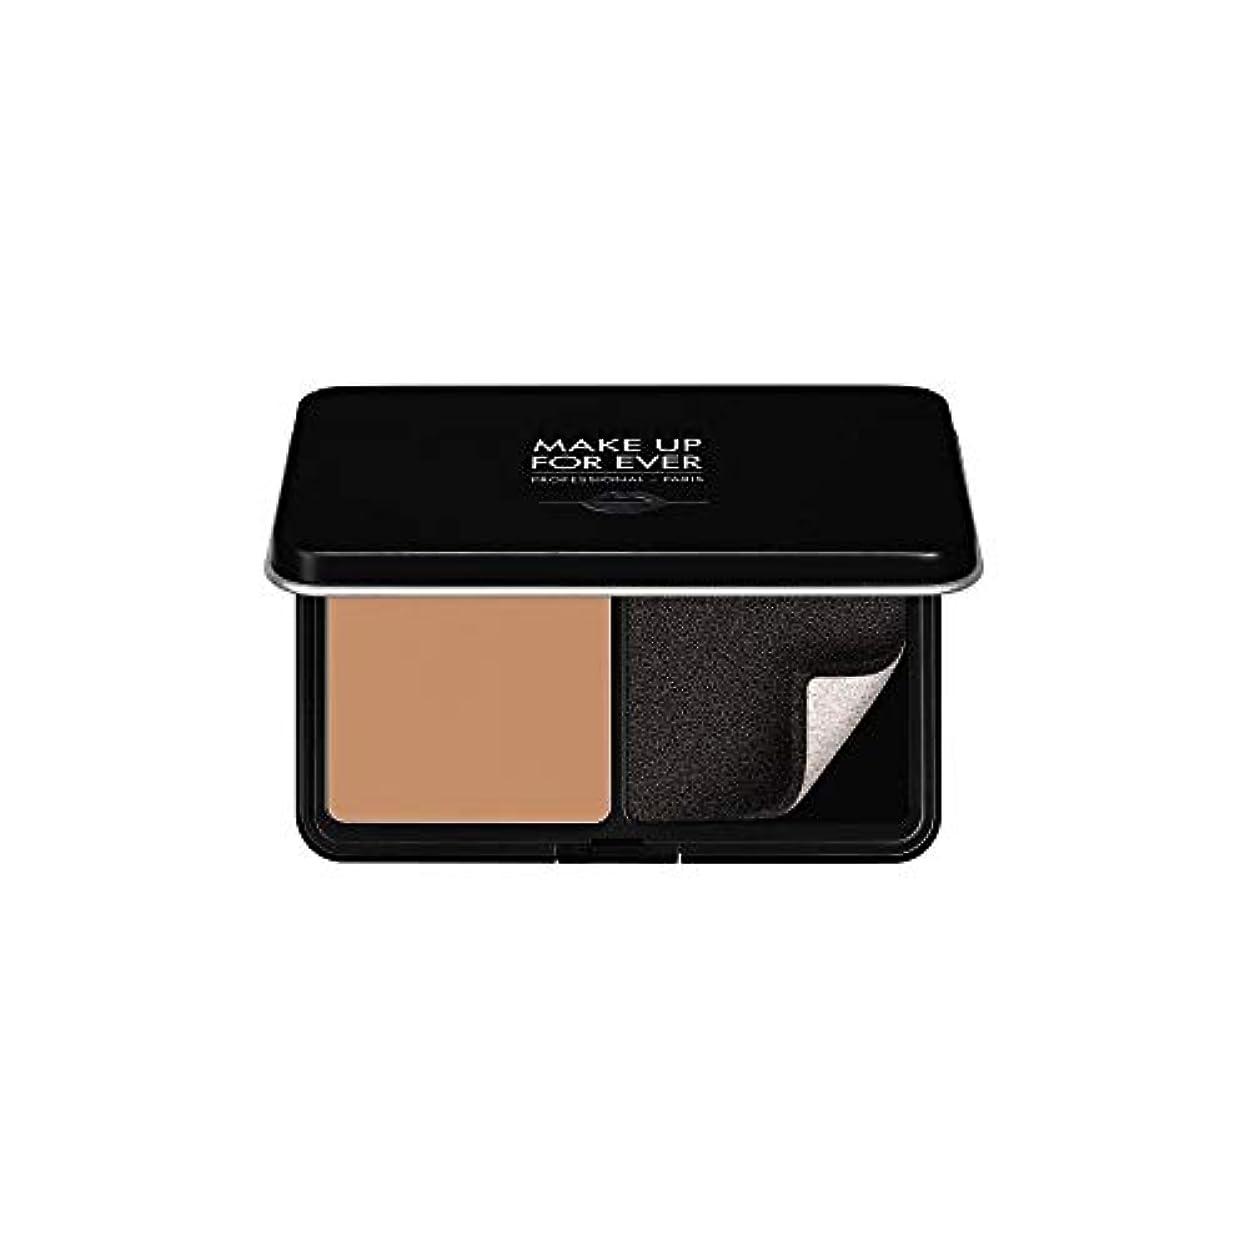 宣言離婚コメントメイクアップフォーエバー Matte Velvet Skin Blurring Powder Foundation - # R410 (Golden Beige) 11g/0.38oz並行輸入品